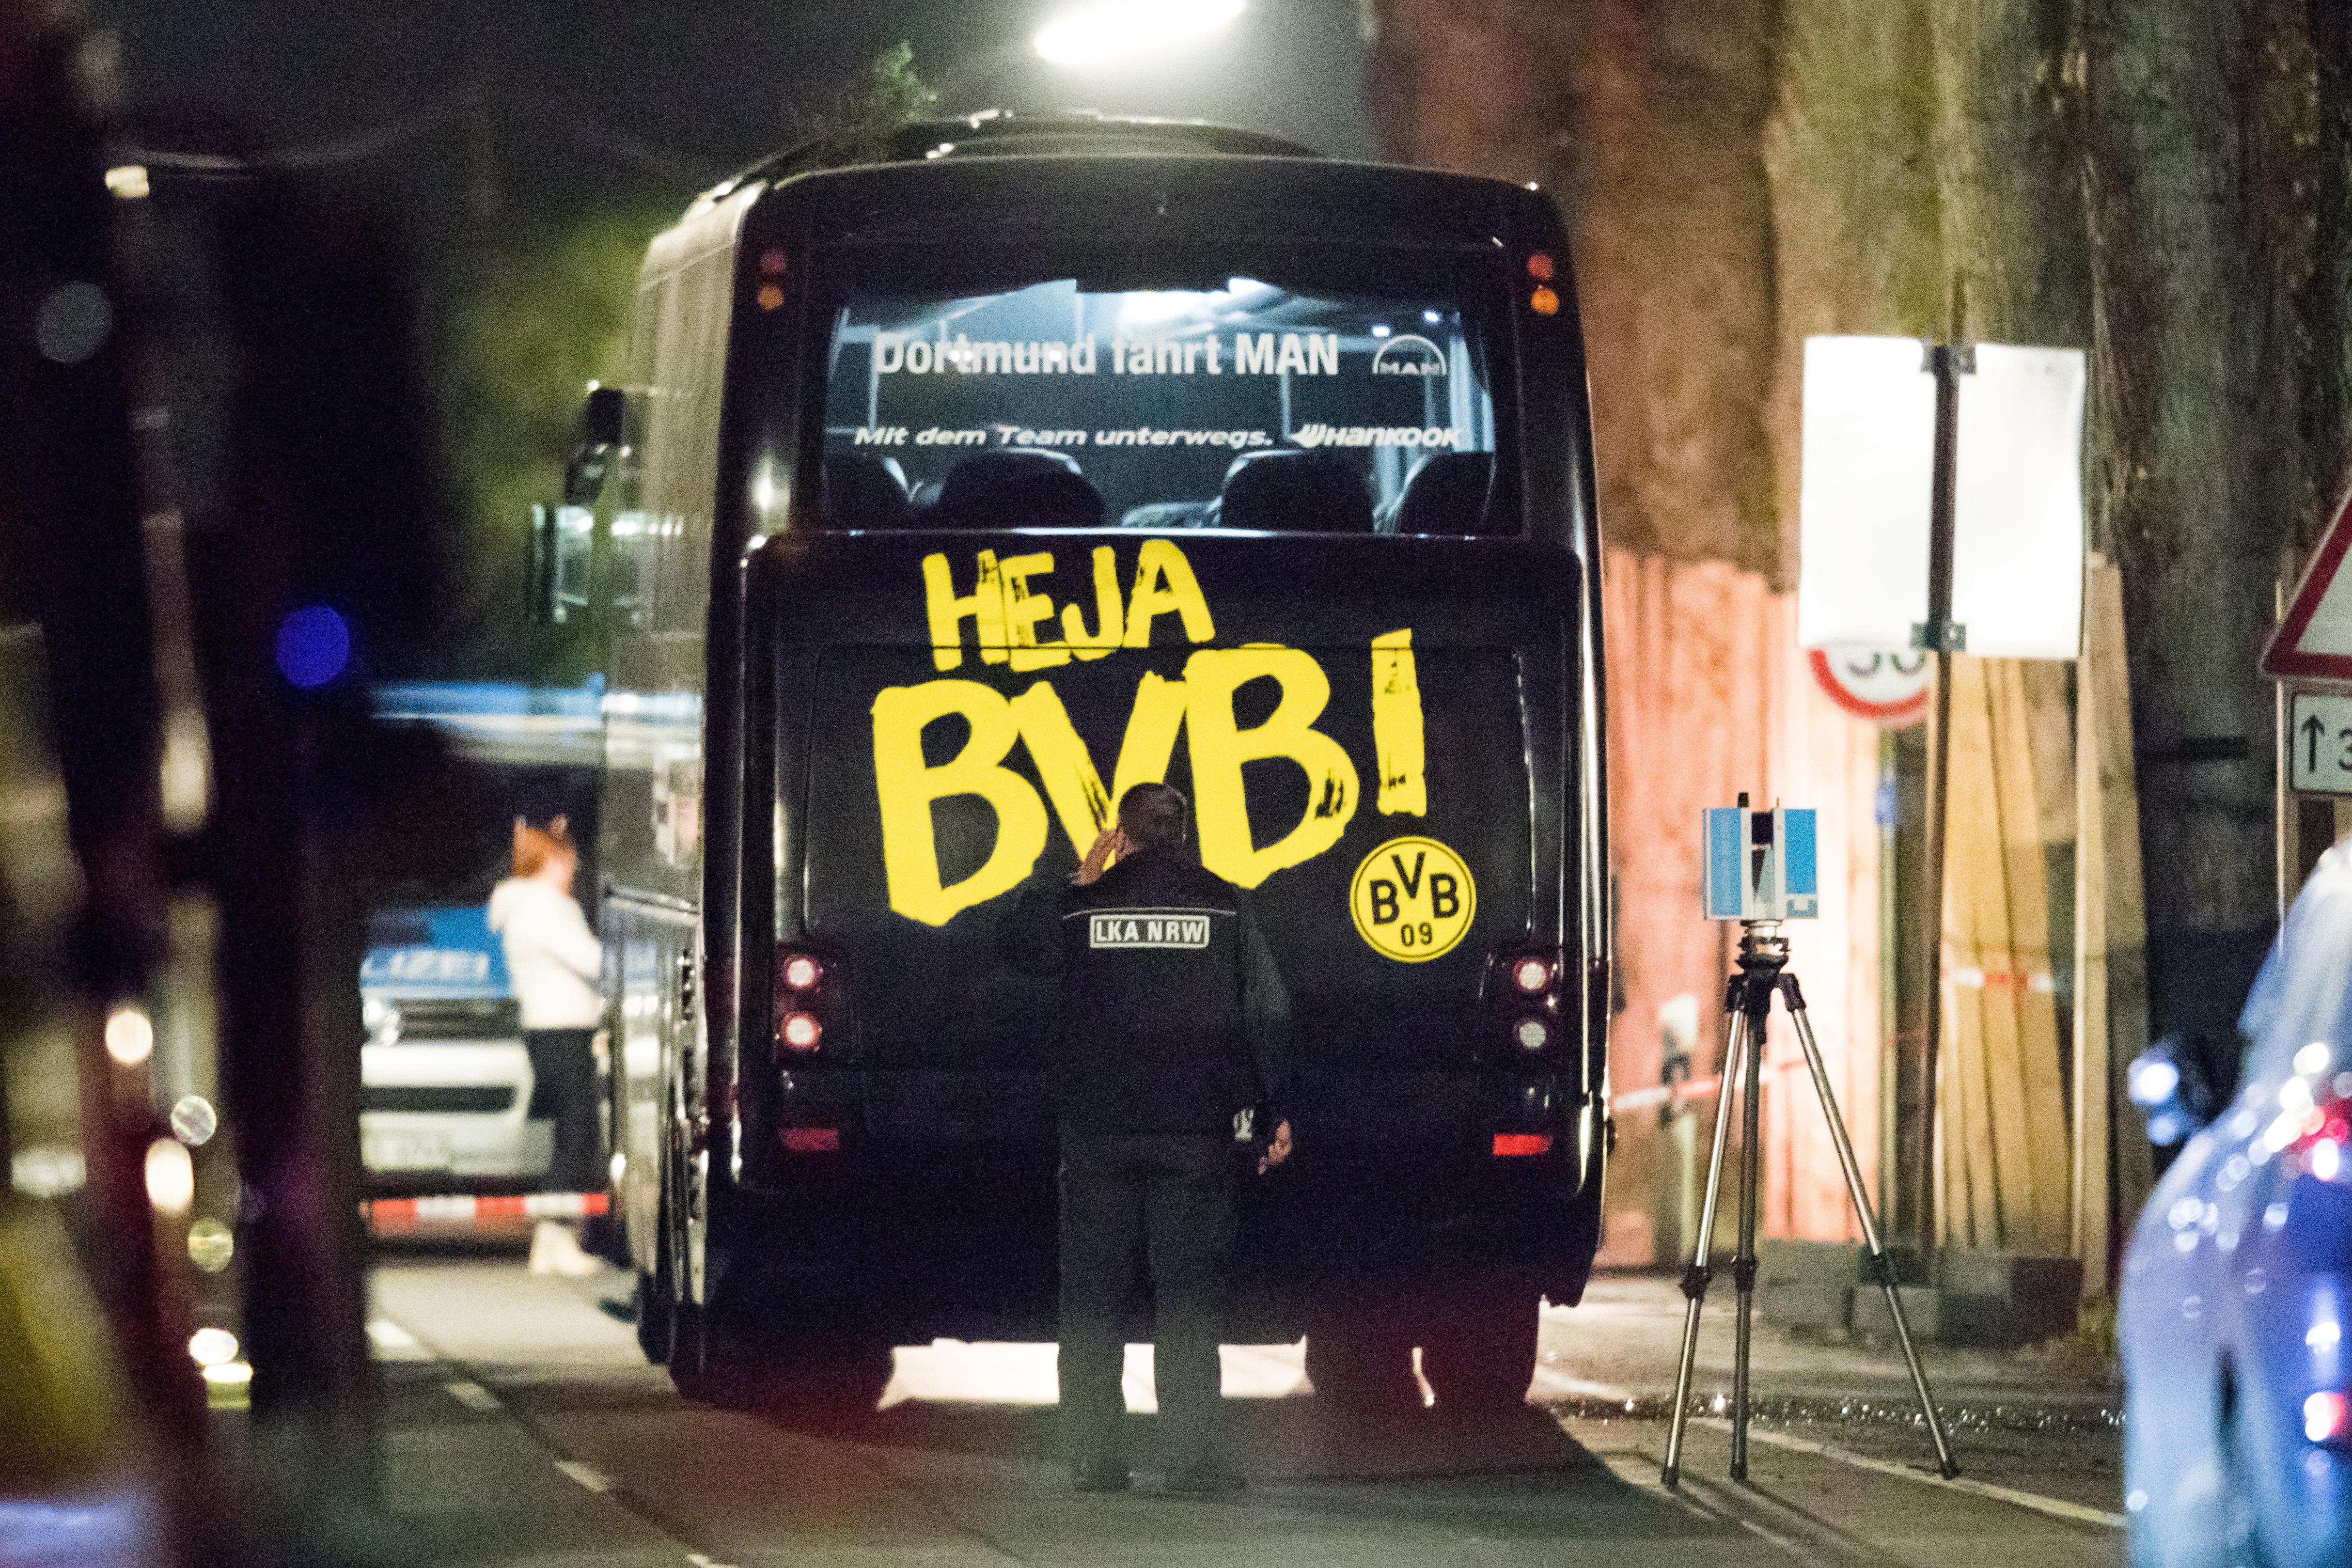 Nincs nyoma terrorizmusnak a Dortmund busza elleni robbantásnál